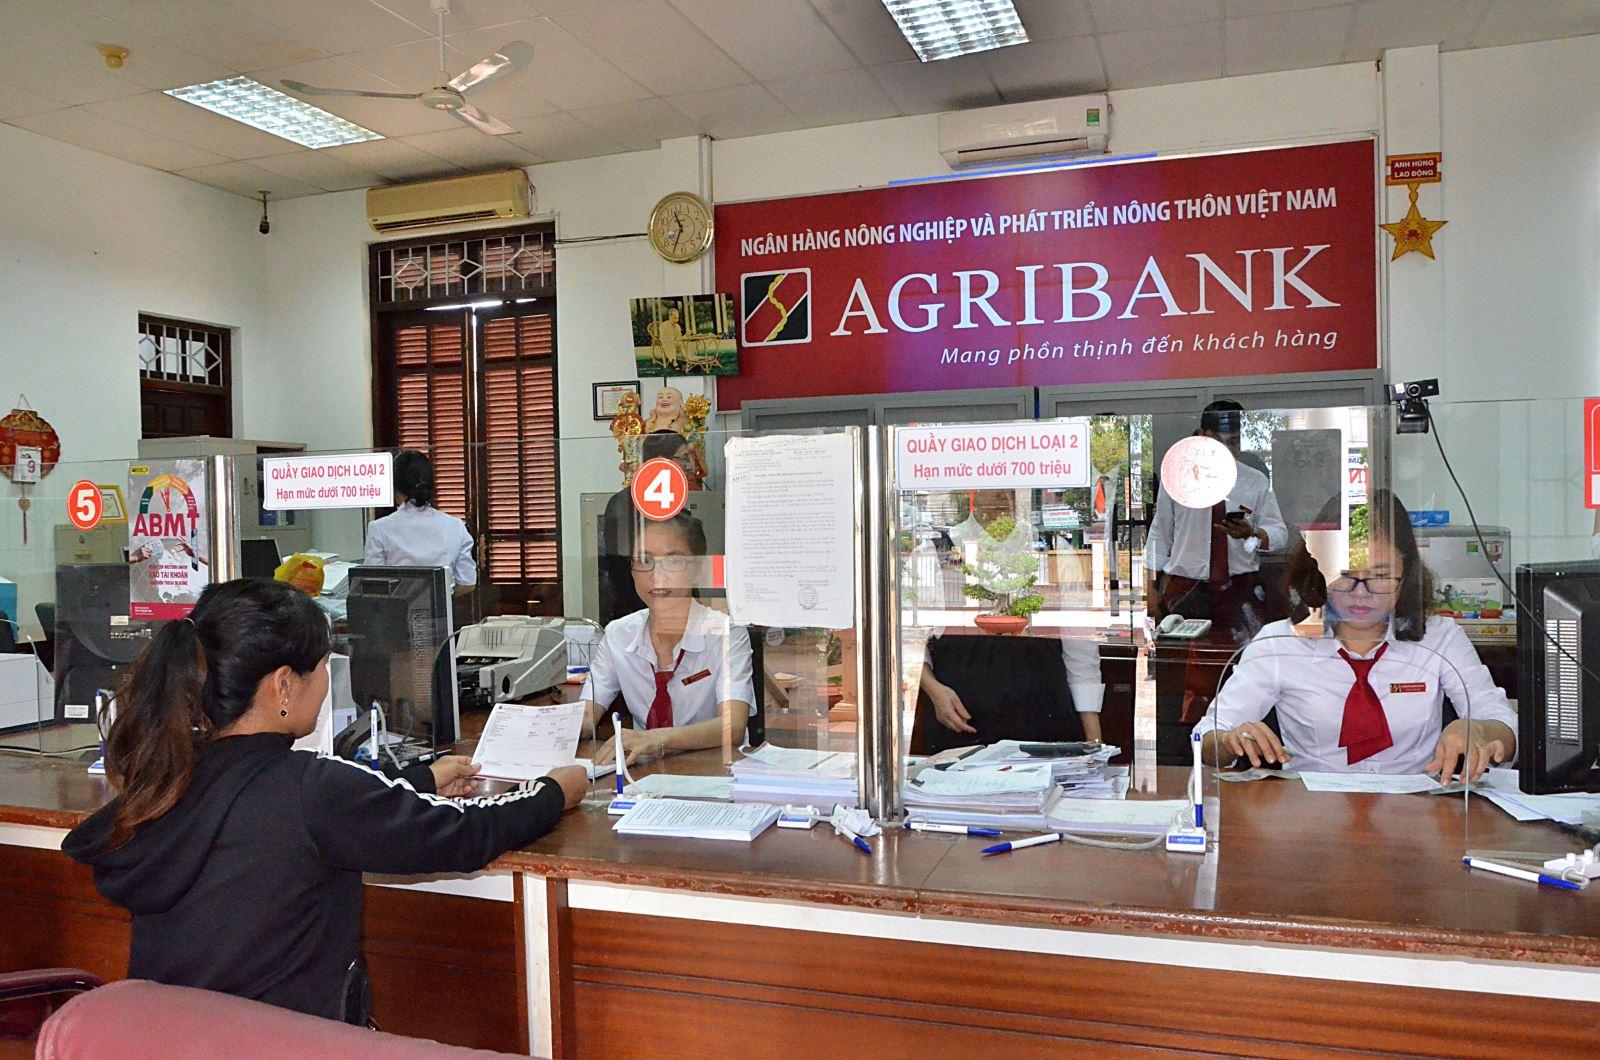 Agribank phá sản chỉ là tin đồn không có thật